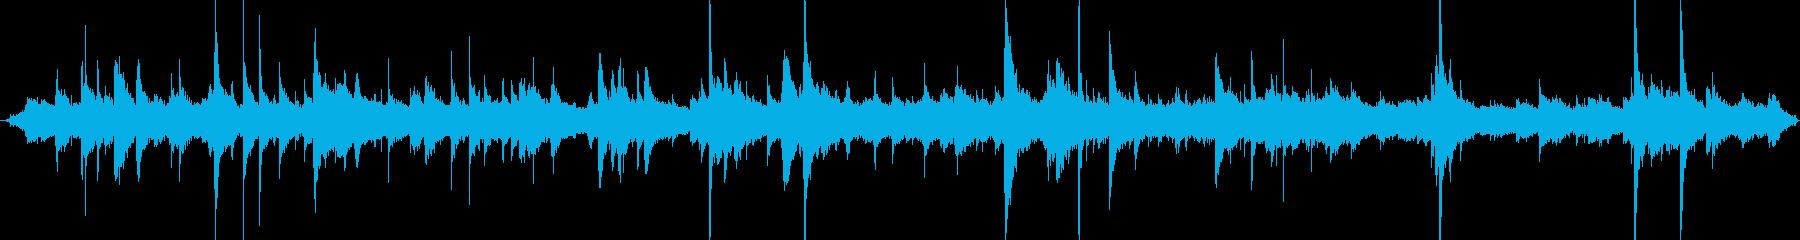 ユース高校アイスホッケー:ウォーミ...の再生済みの波形